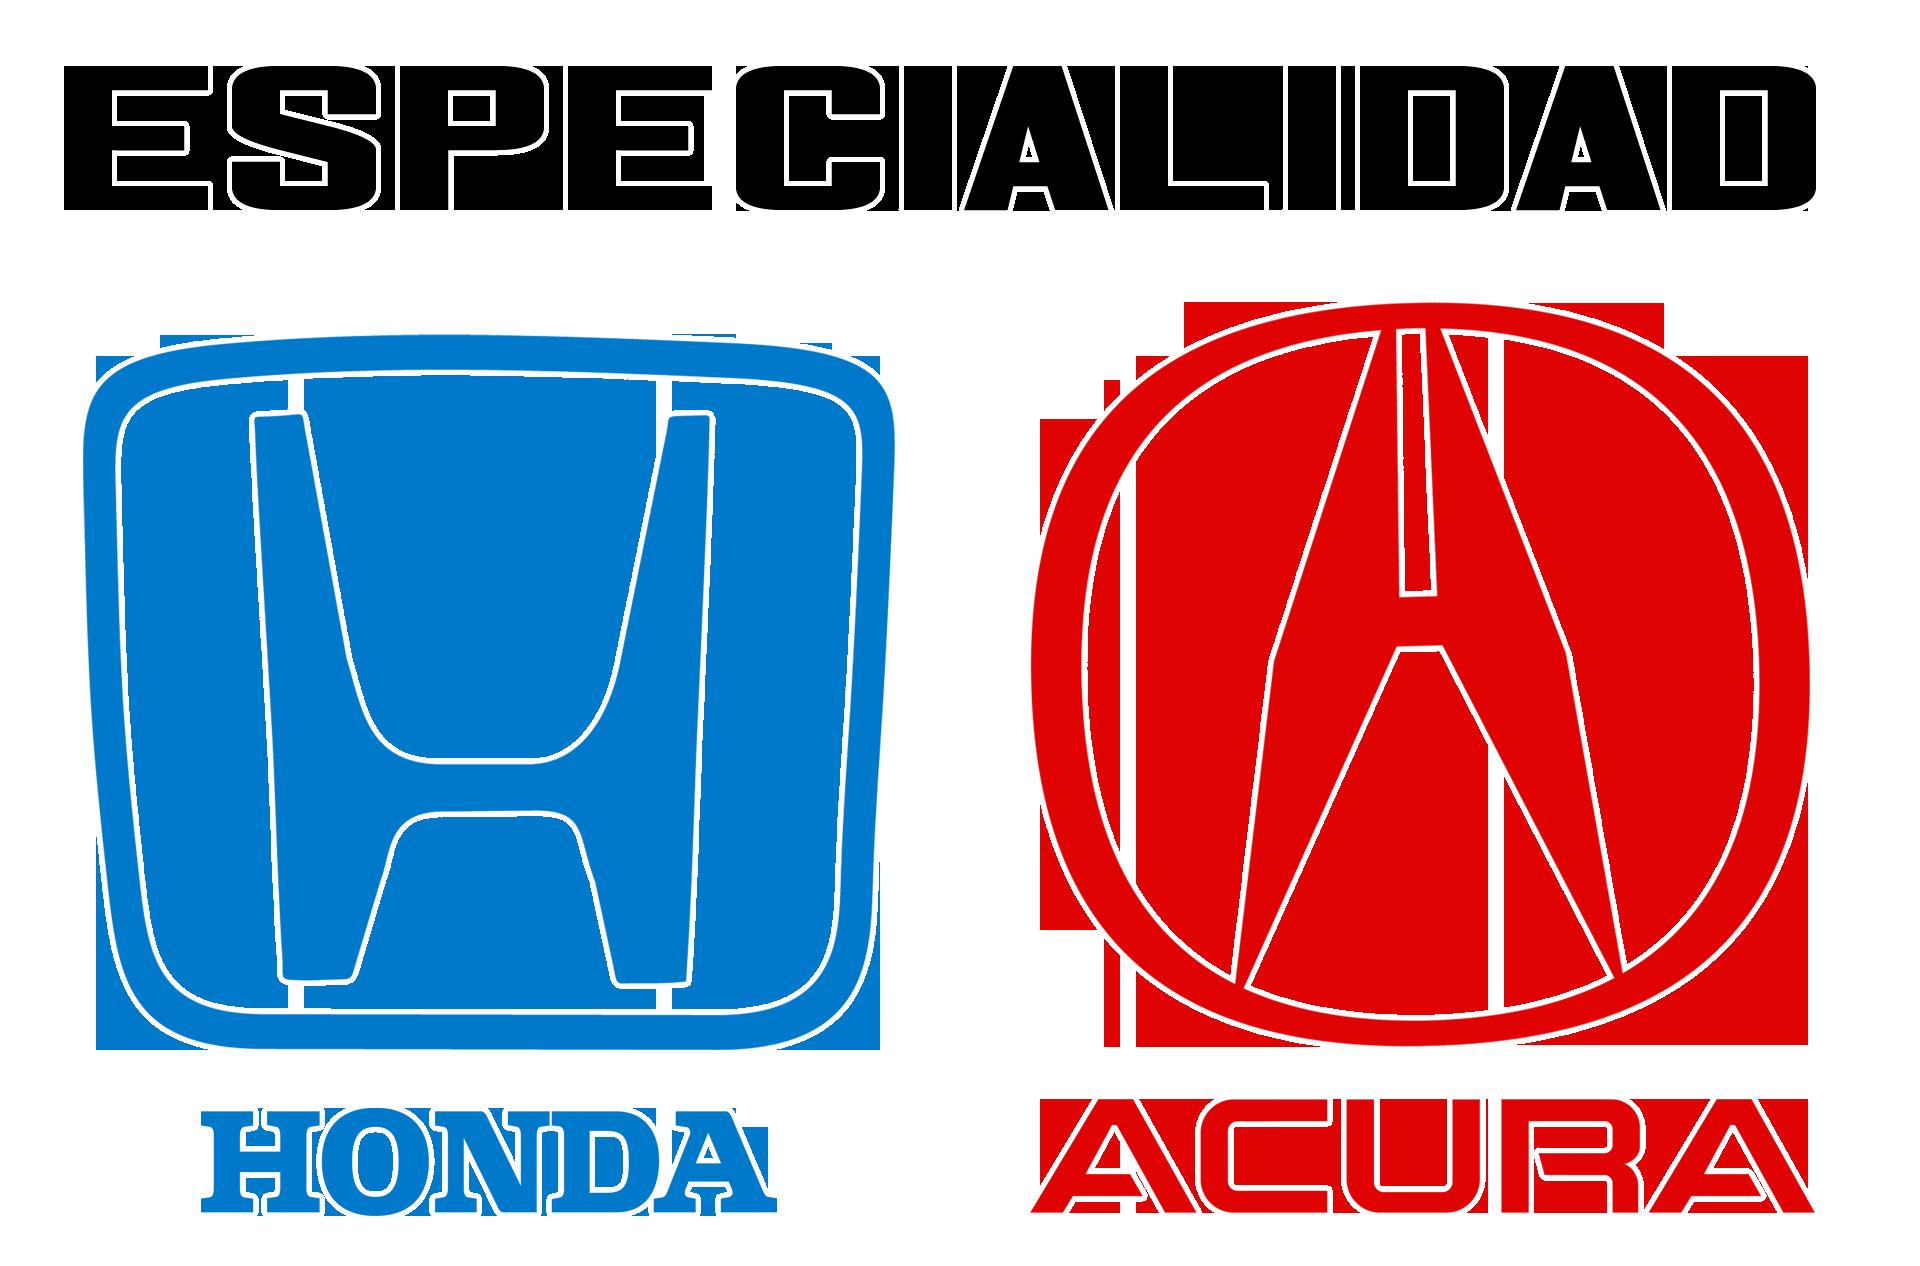 Especialidad Honda y Acura Puerto Rico on acura si, acura da, acura tsx, acura ls,